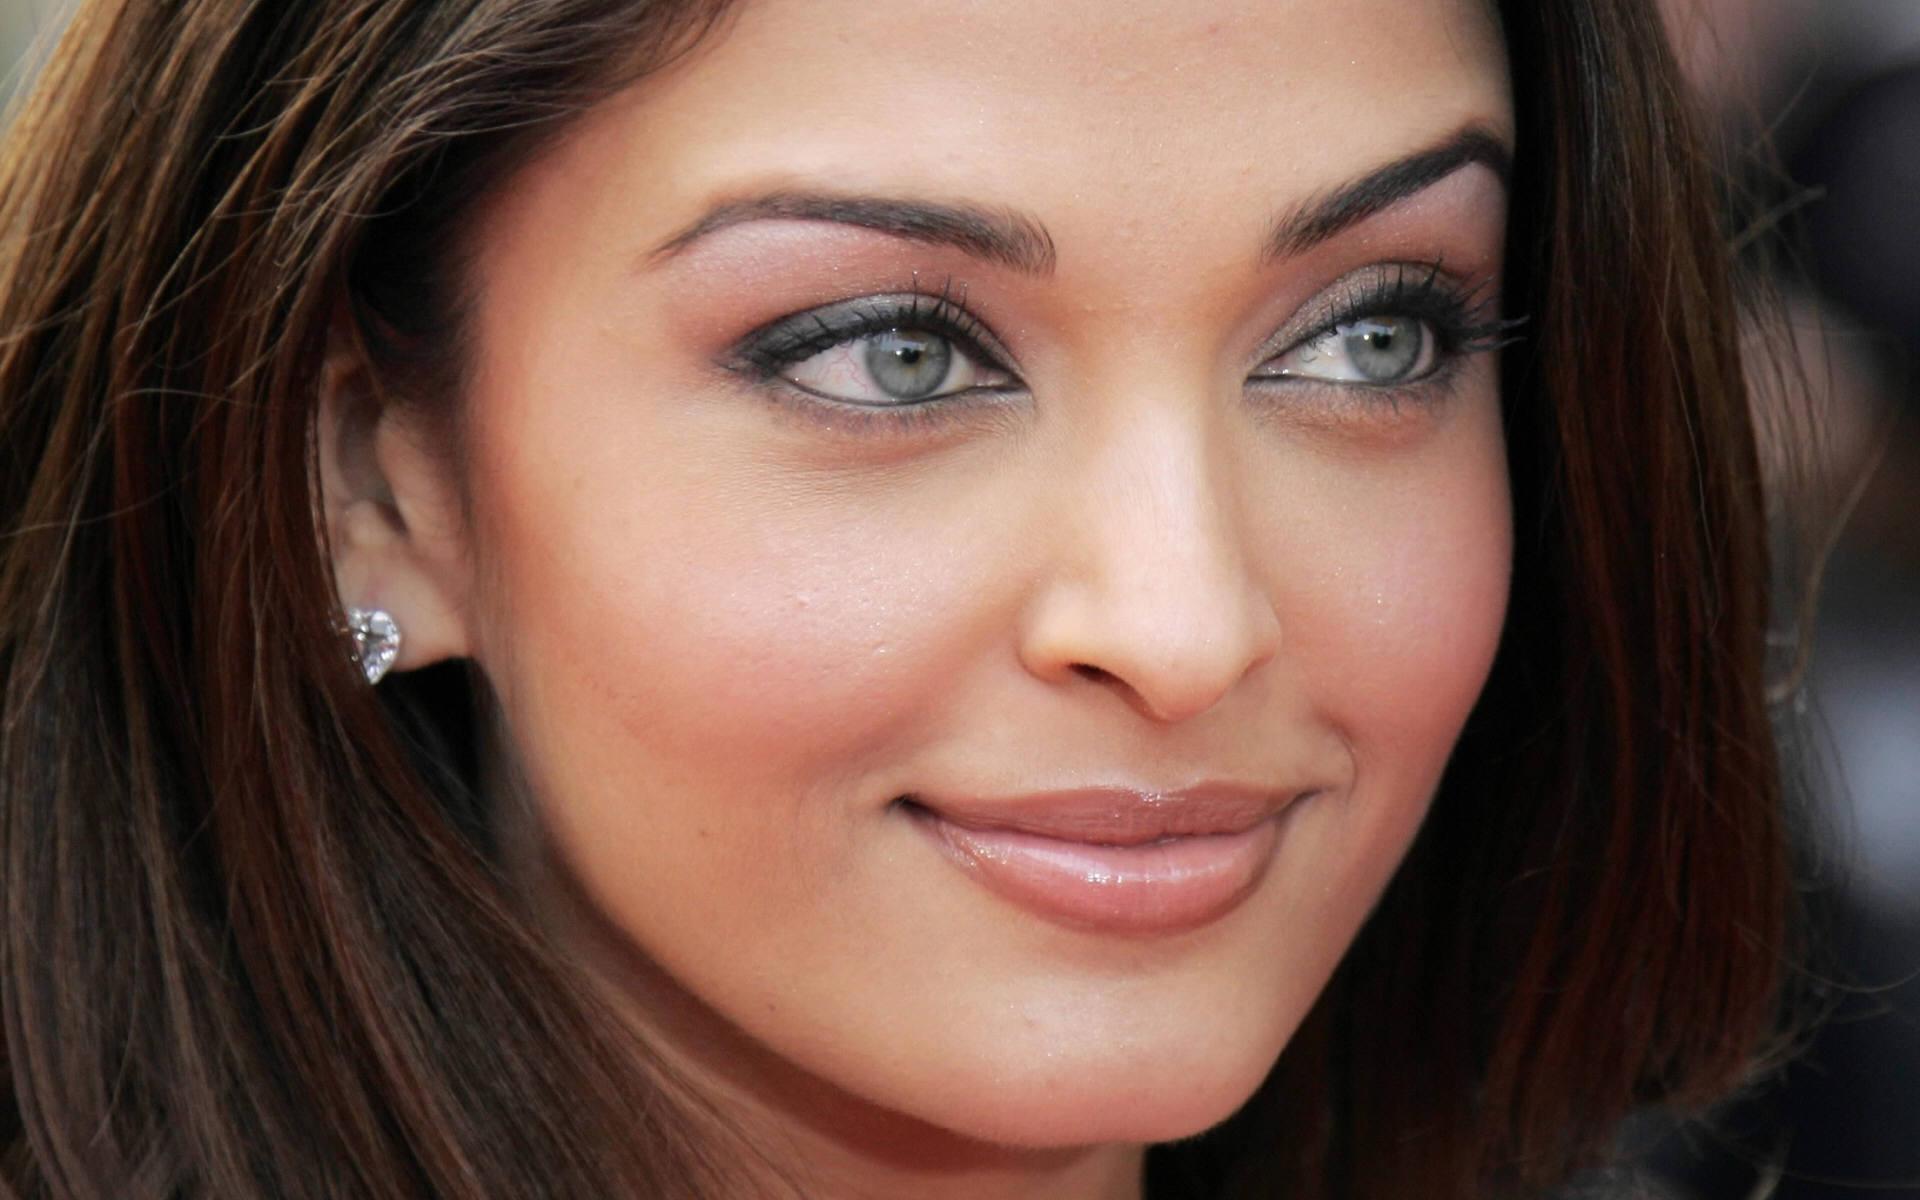 صور اشوريا راى 2014 حديثة , اجدد صور الممثلة الهندية اشوريا راى 2014 بجودة عالية